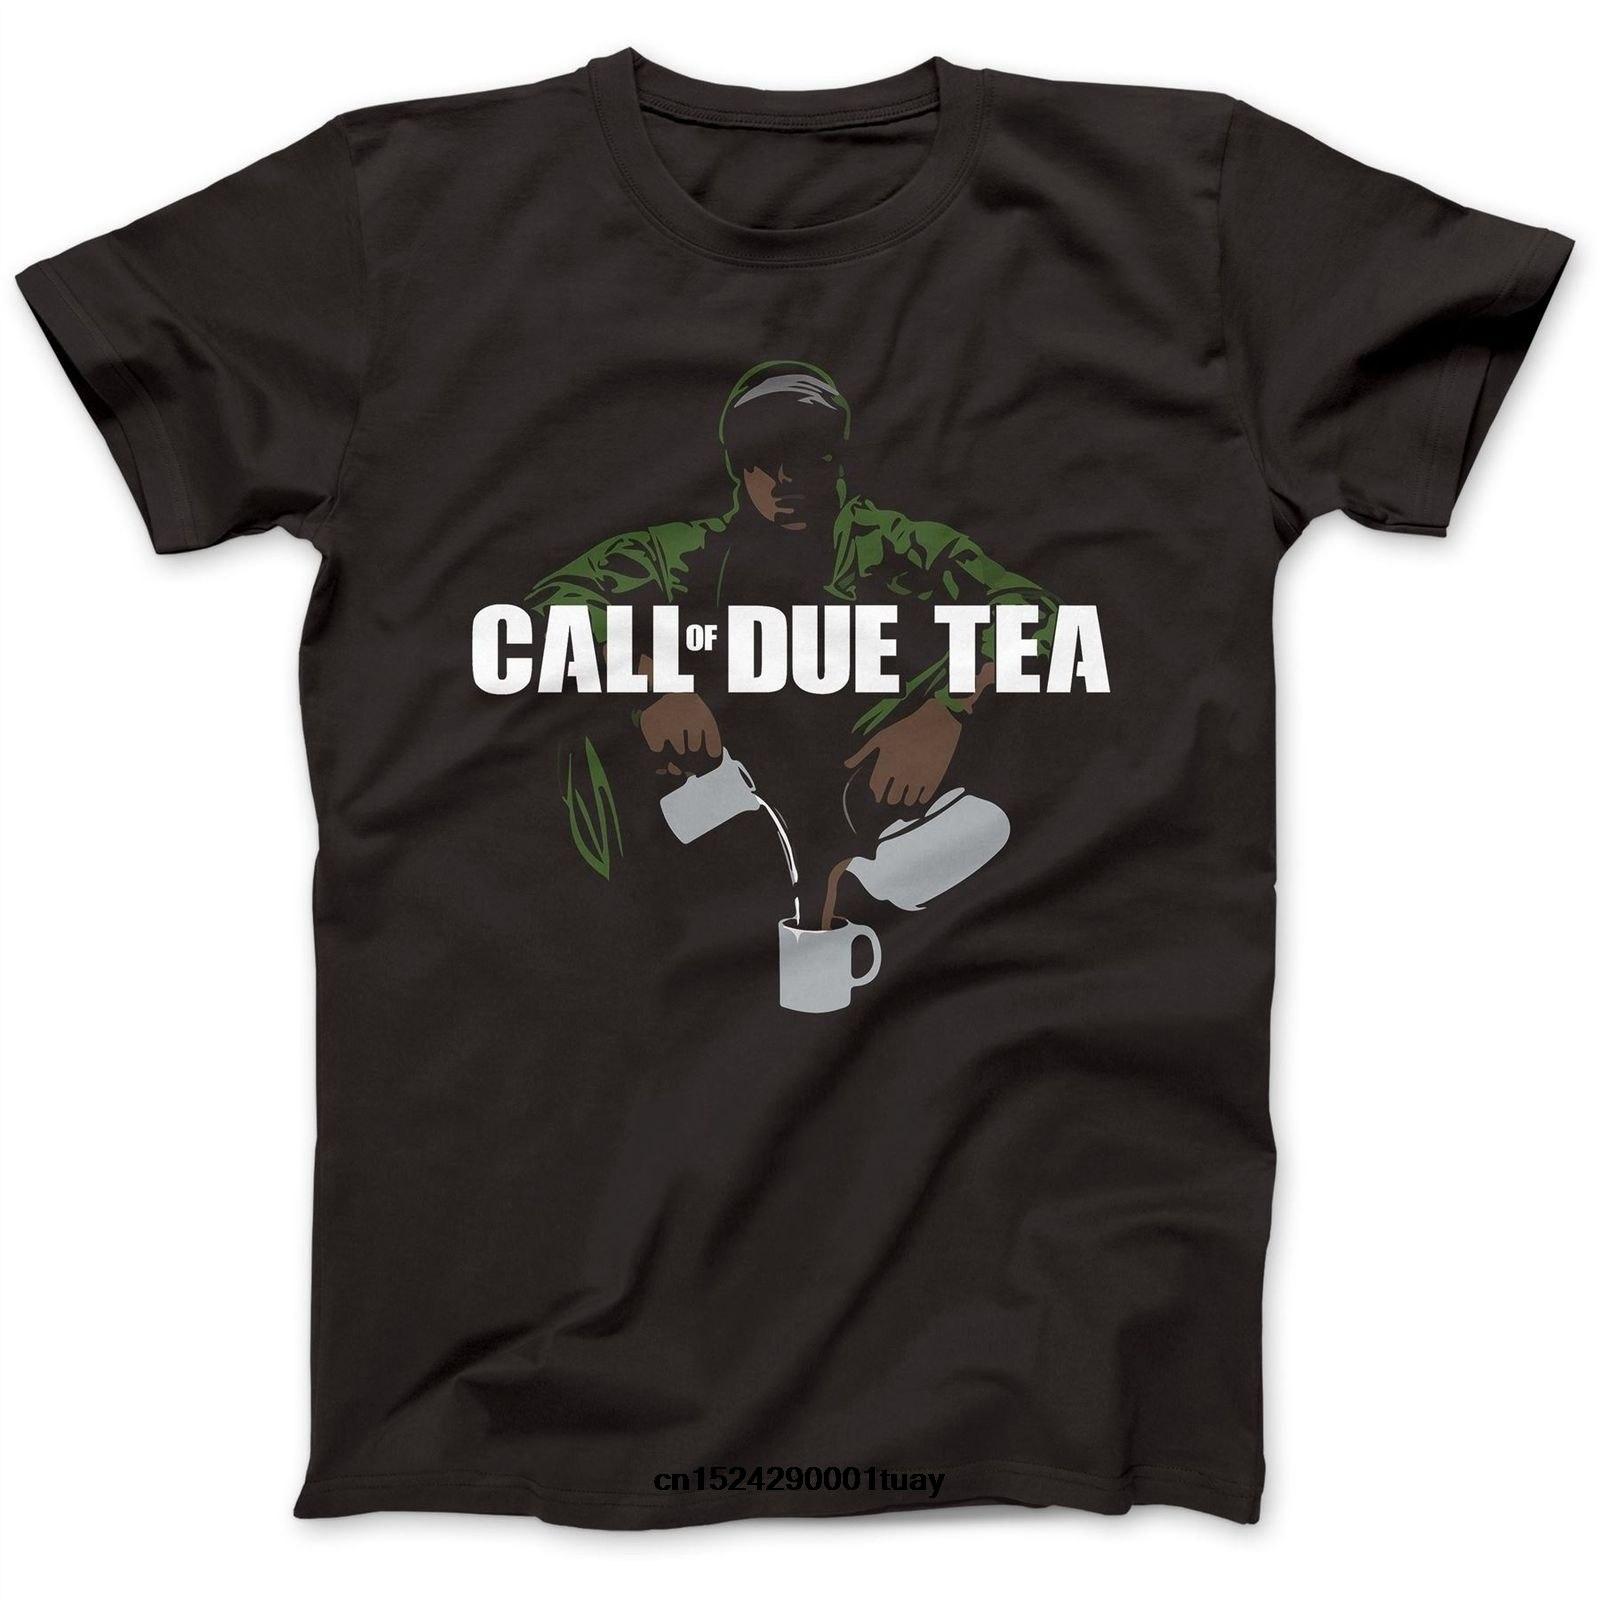 Llamada de debido té parodia camiseta algodón Premium avanzada guerra deber